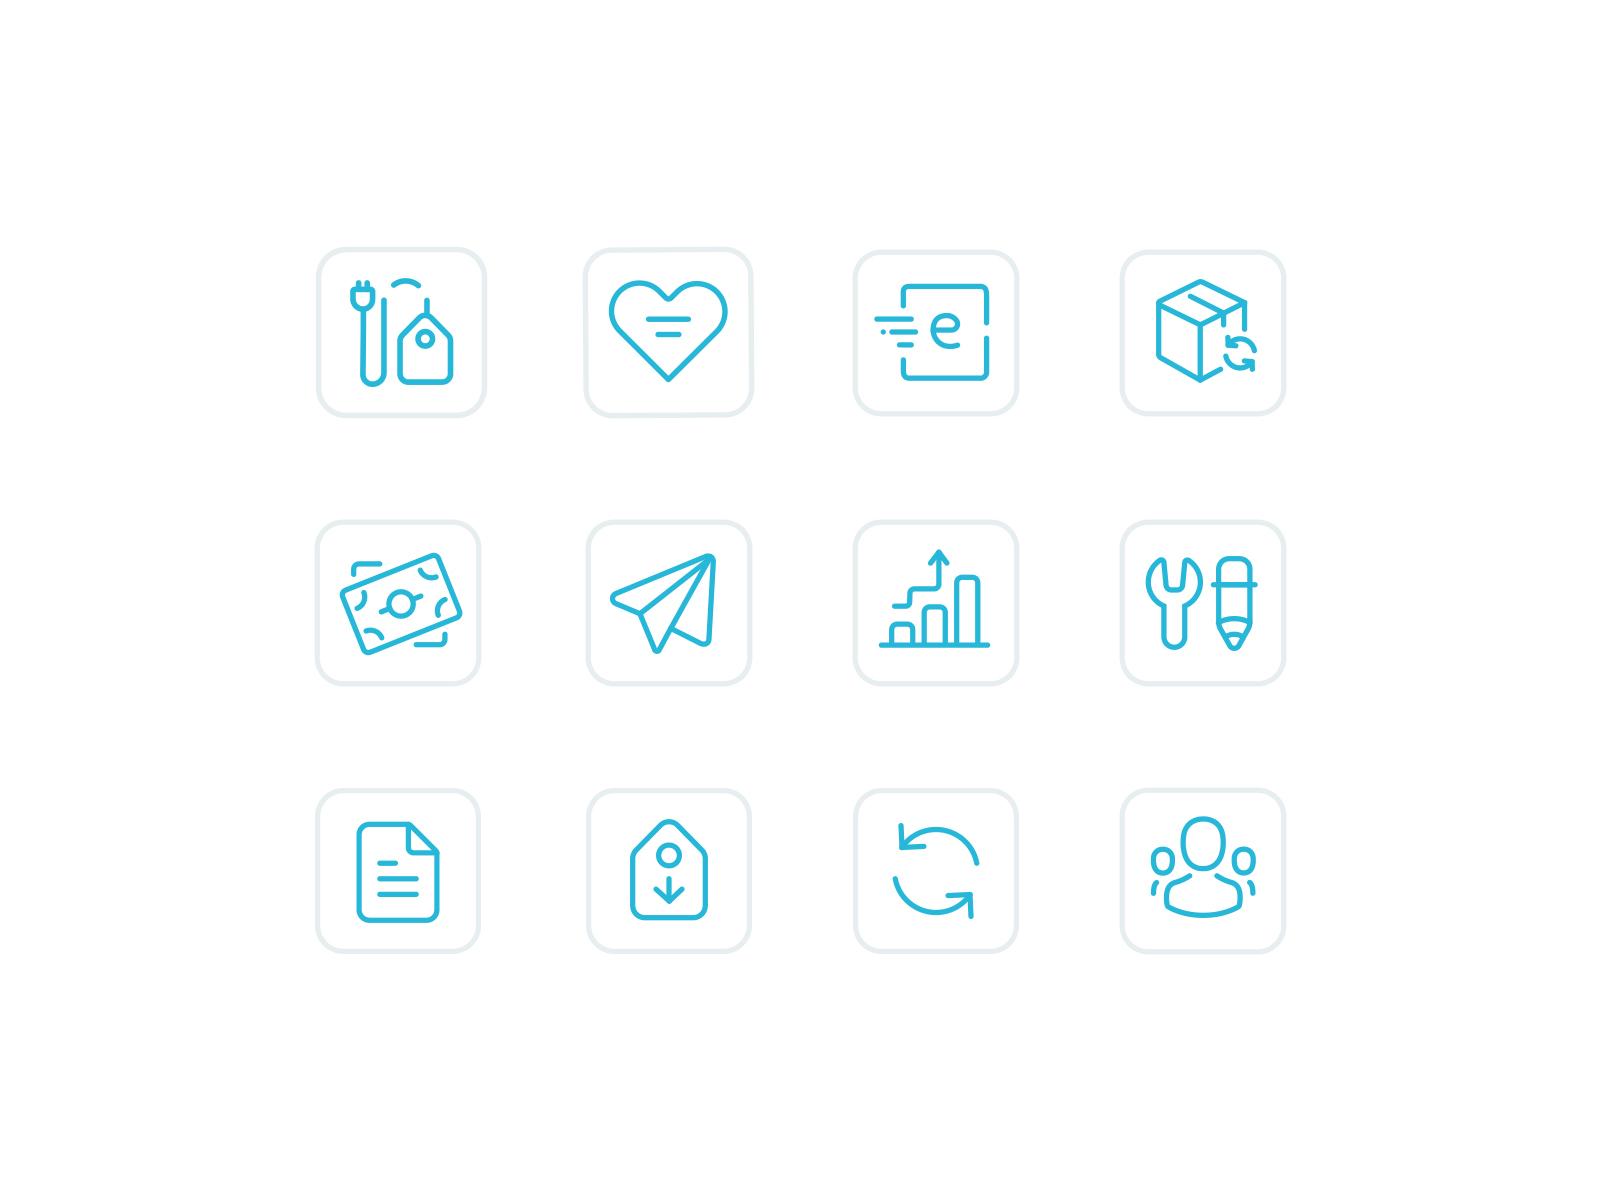 Oberlo icons 4x